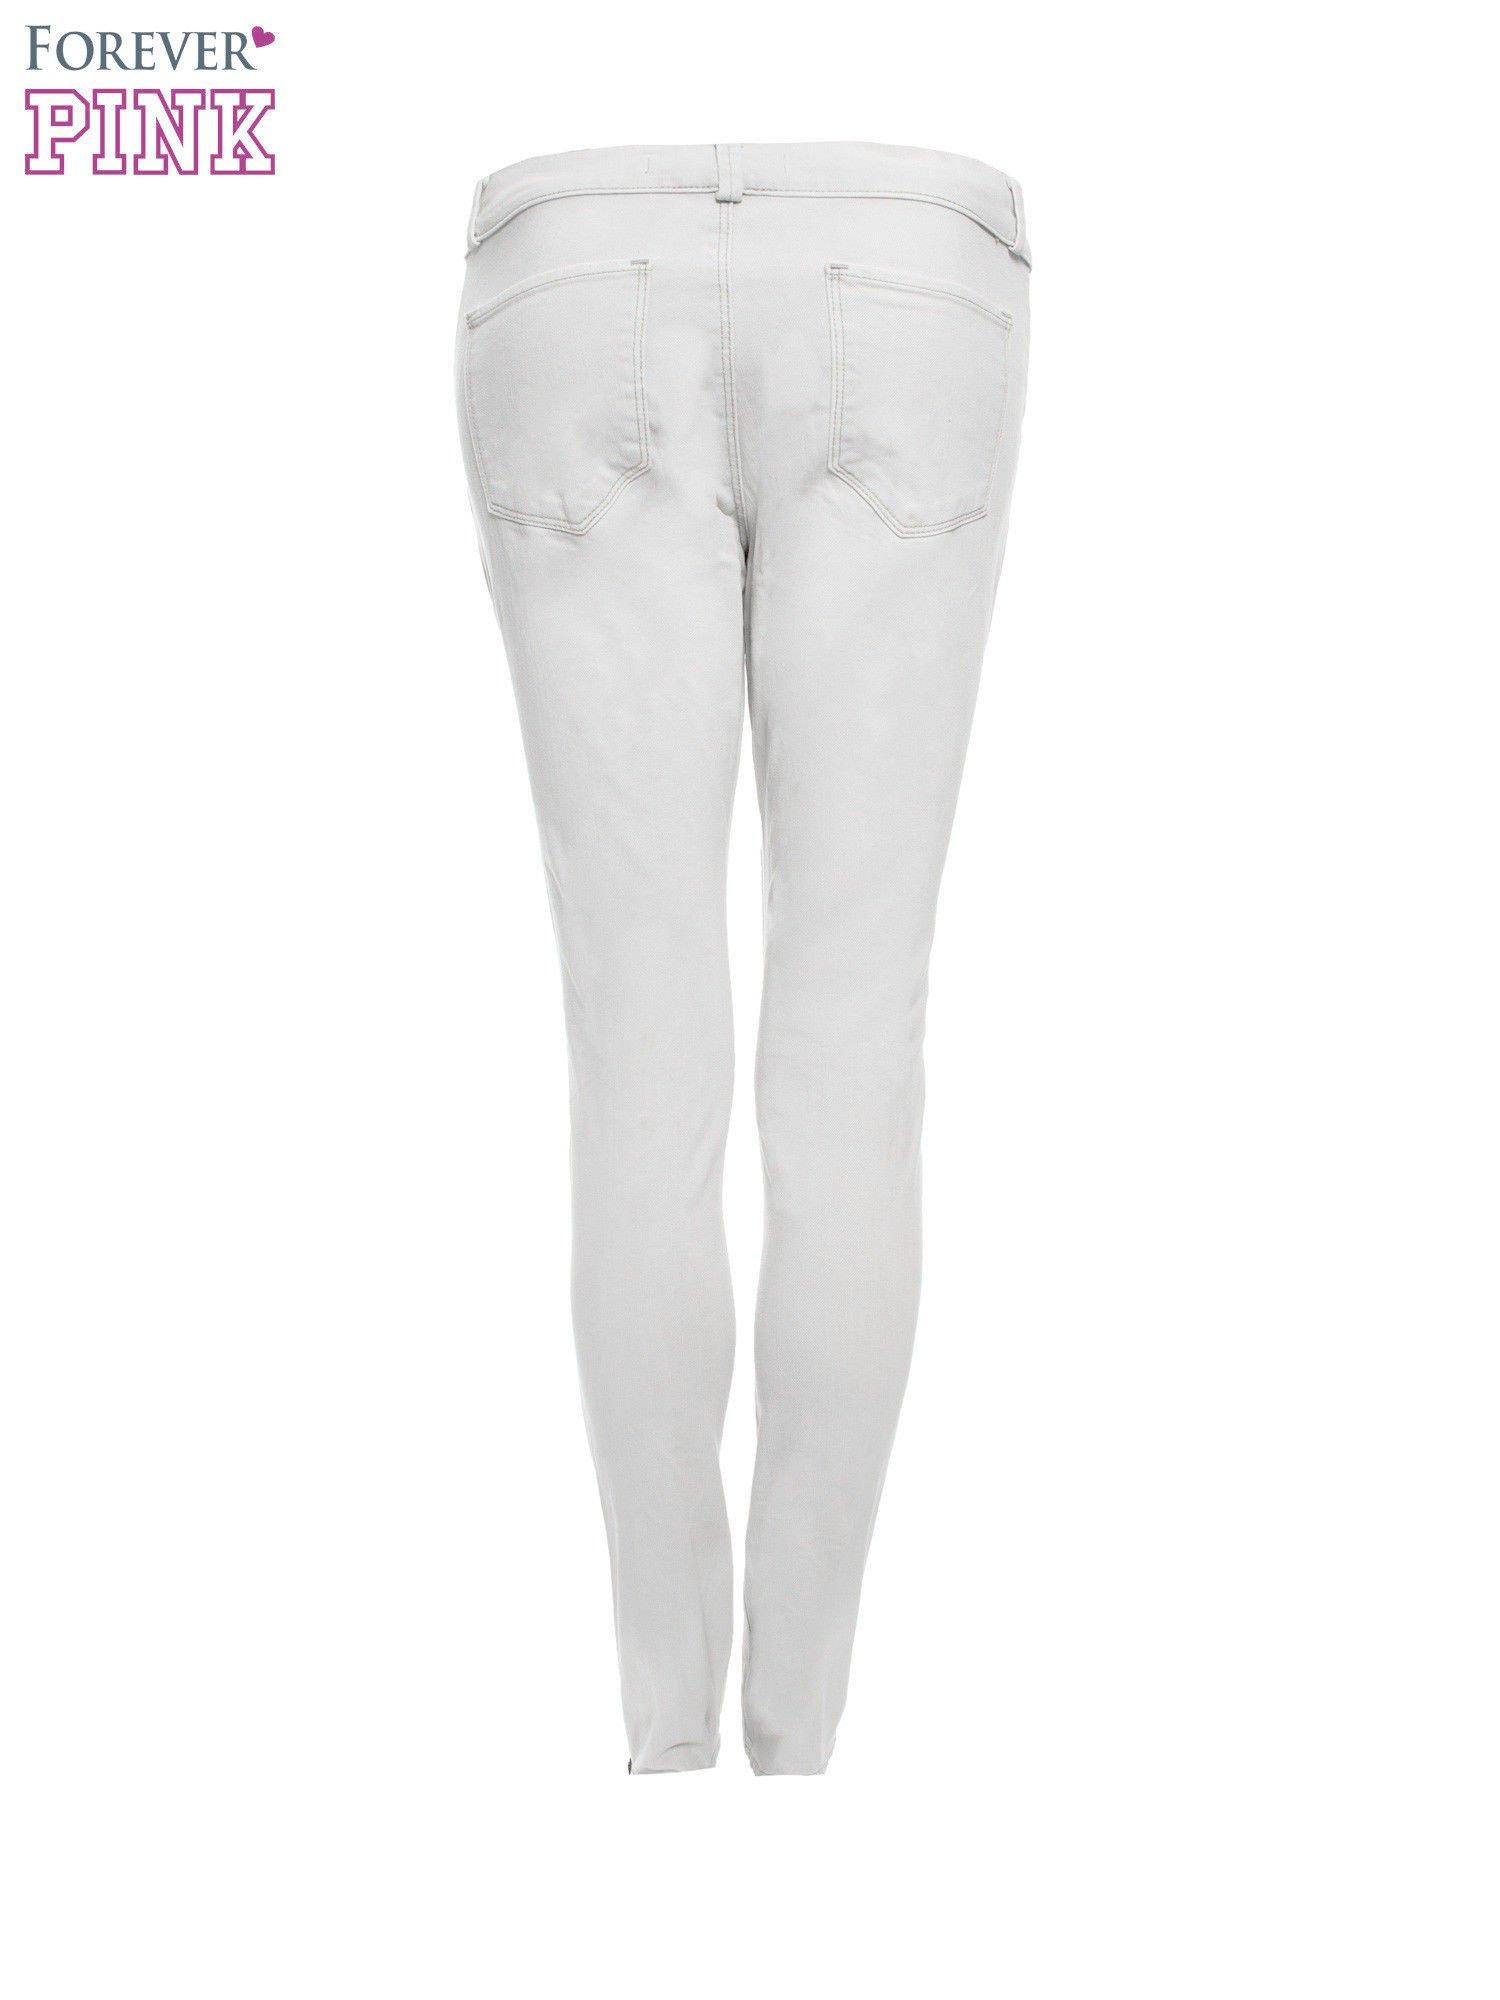 Jasnoszare spodnie jeansowe typu skinny z suwakami na górze i przy nogawkach                                  zdj.                                  5